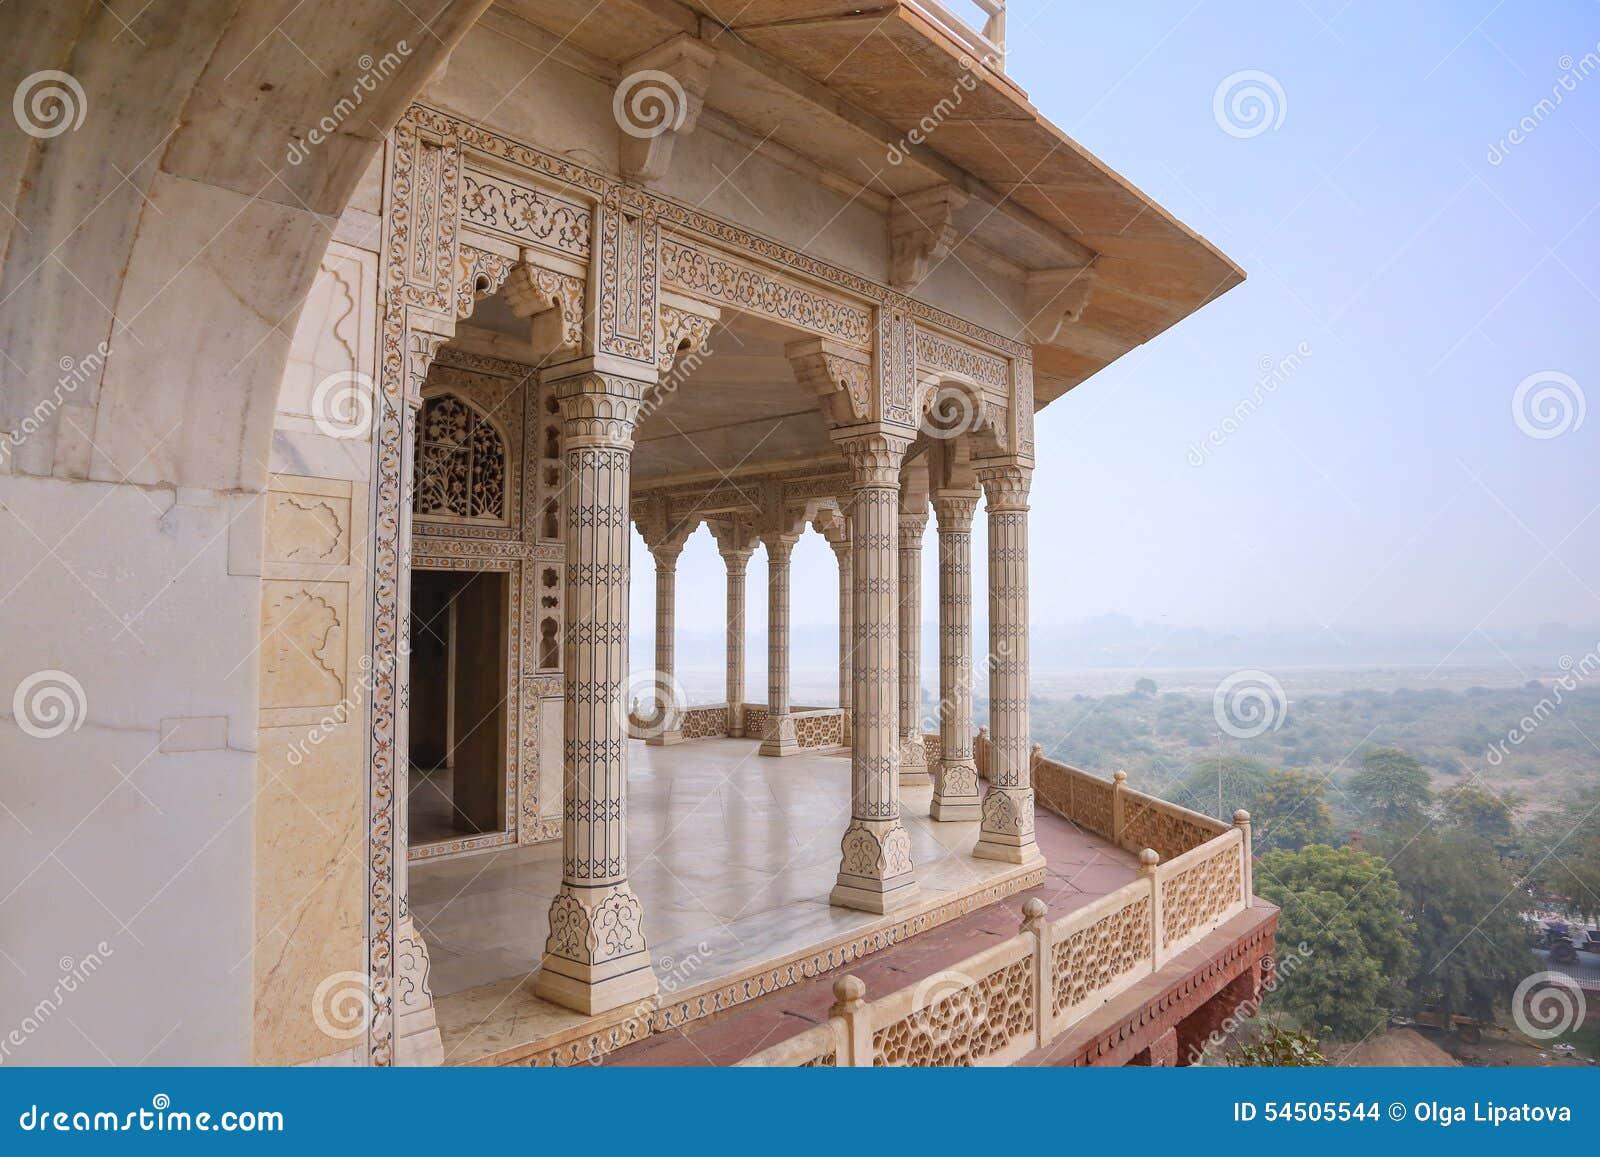 Palais de marbre blanc, fort d Âgrâ, Inde